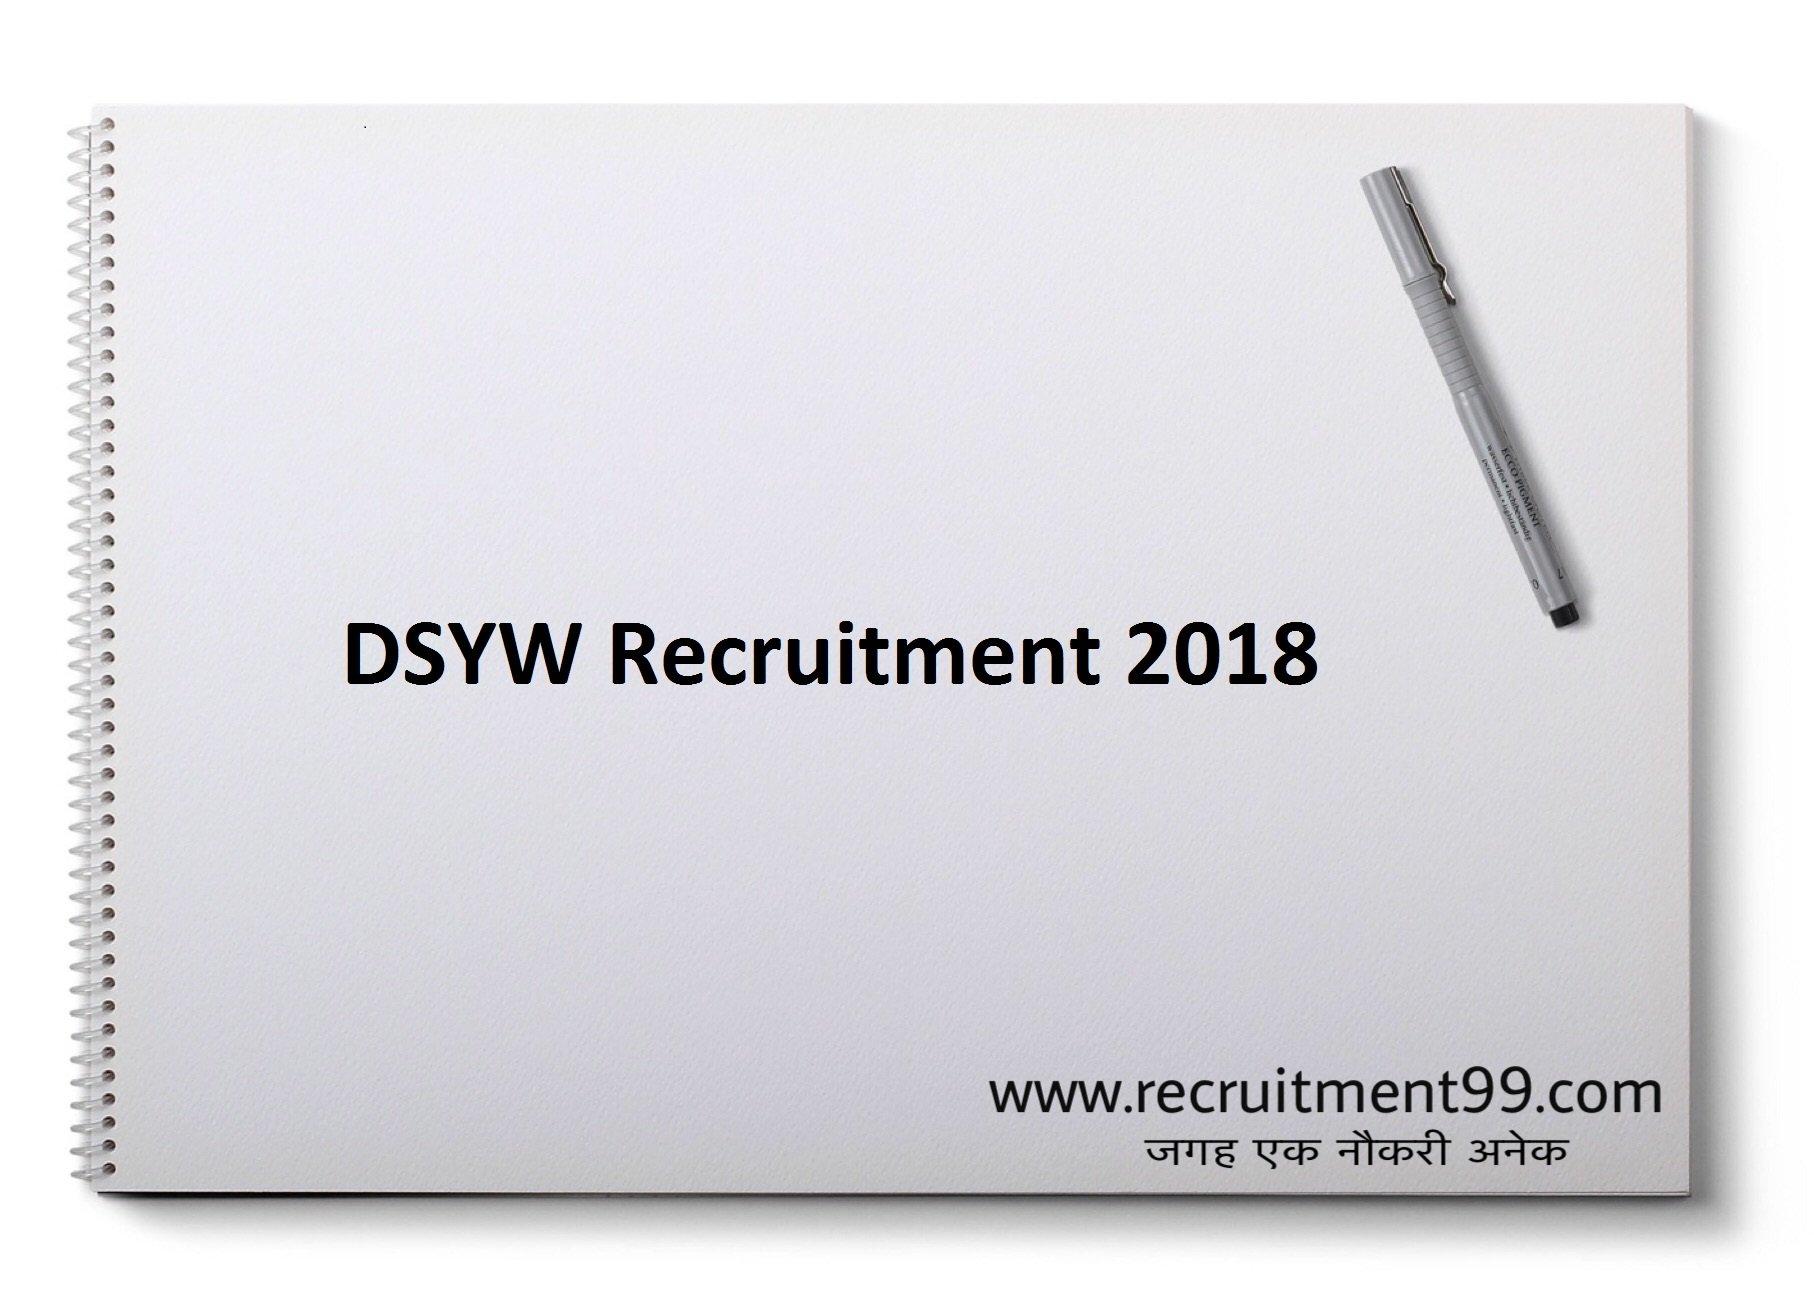 DSYW Youth Coordinator Ground man Recruitment Admit Card & Result 2018